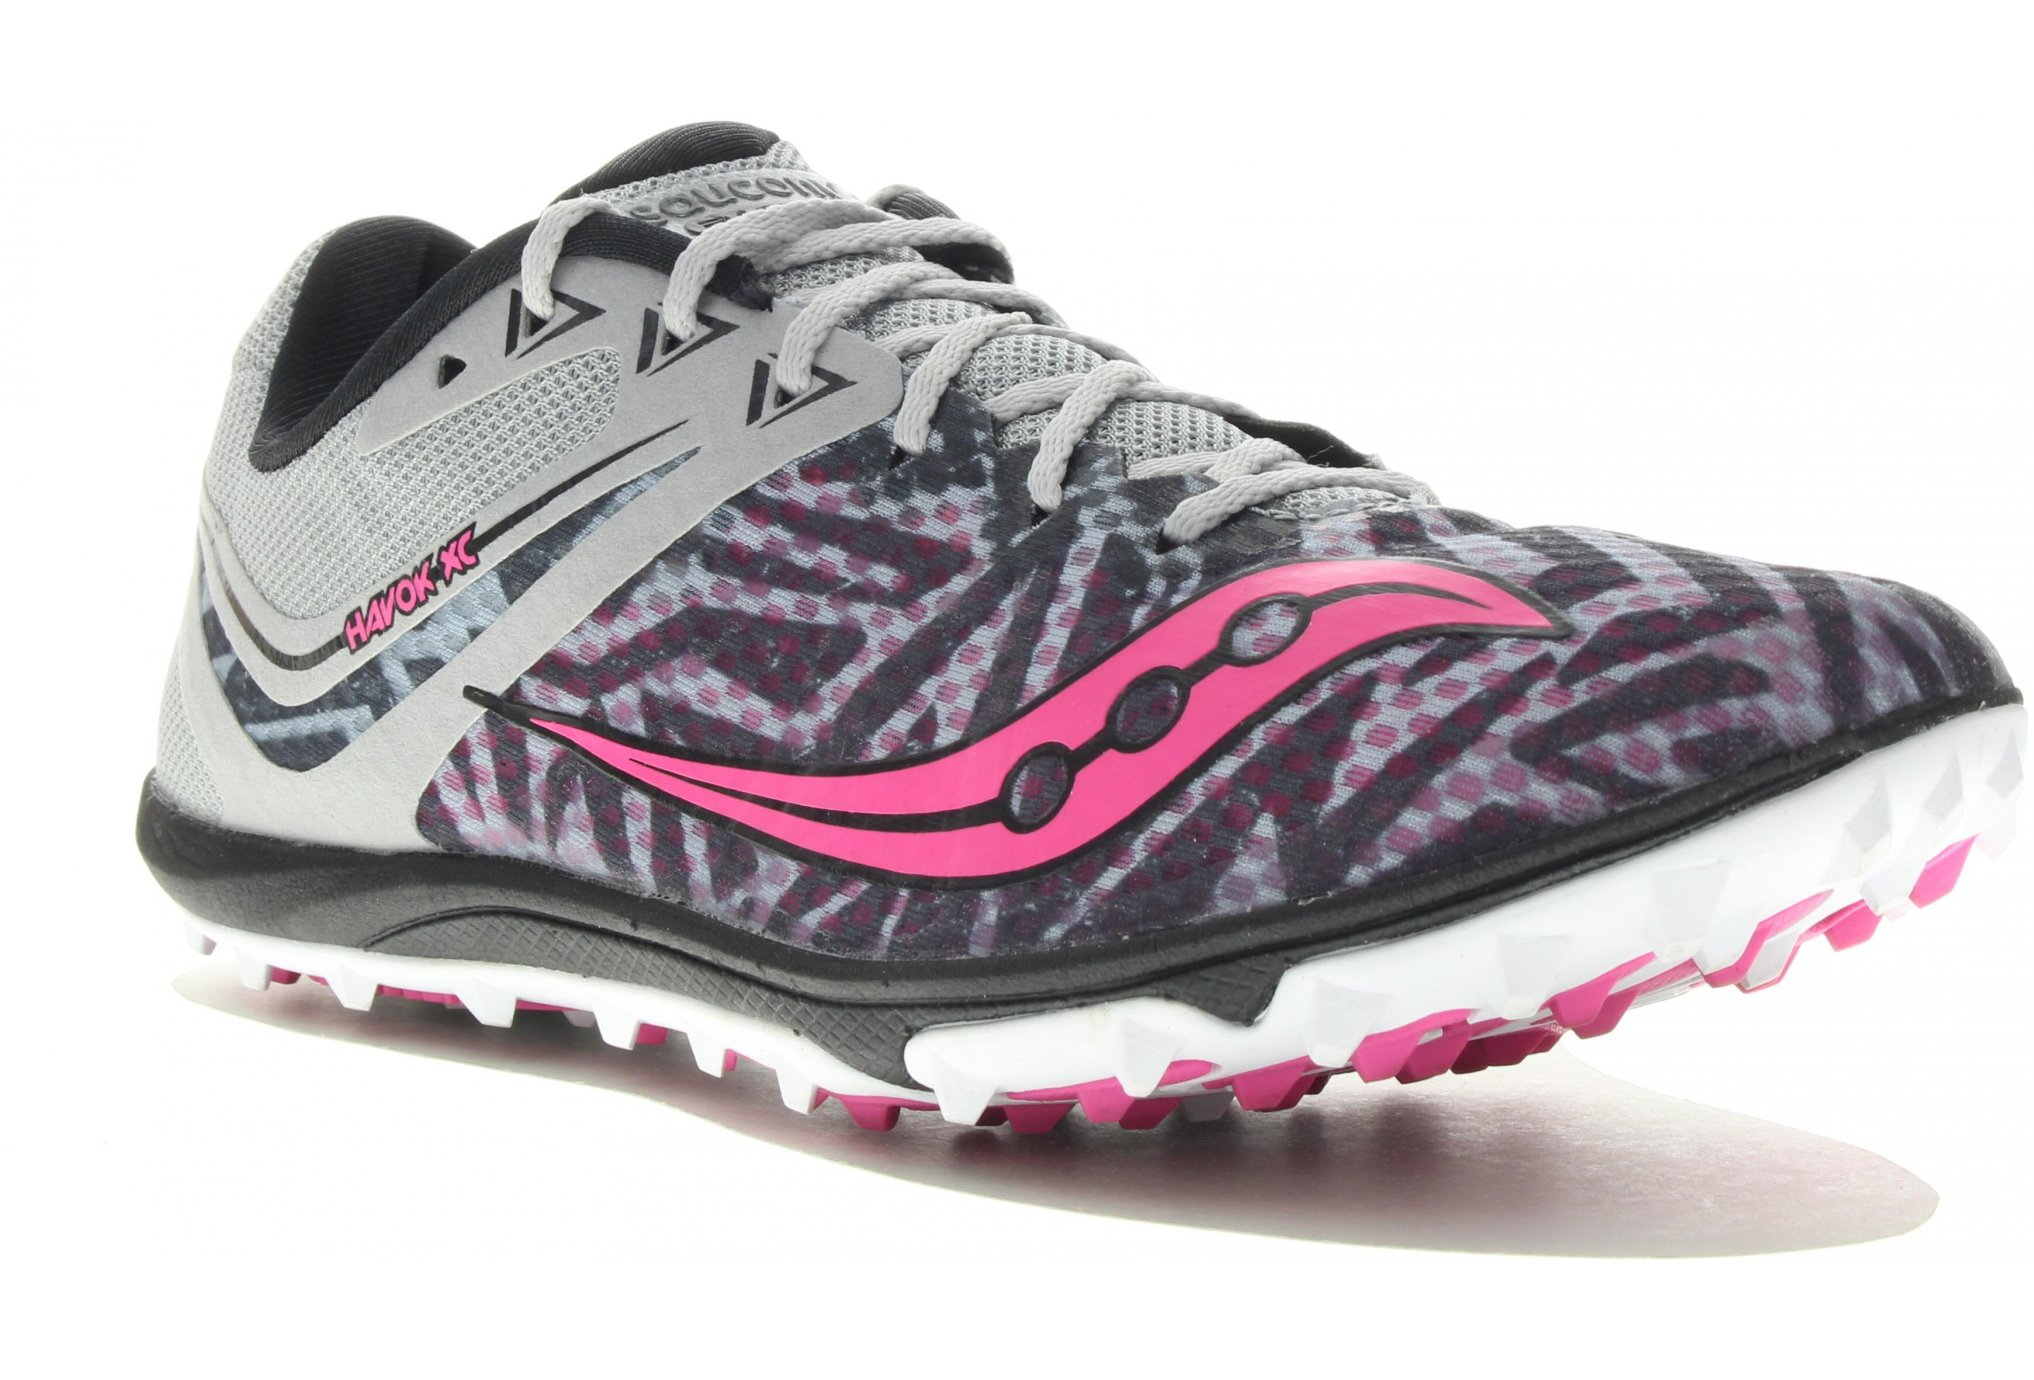 Saucony Havok XC W Chaussures running femme